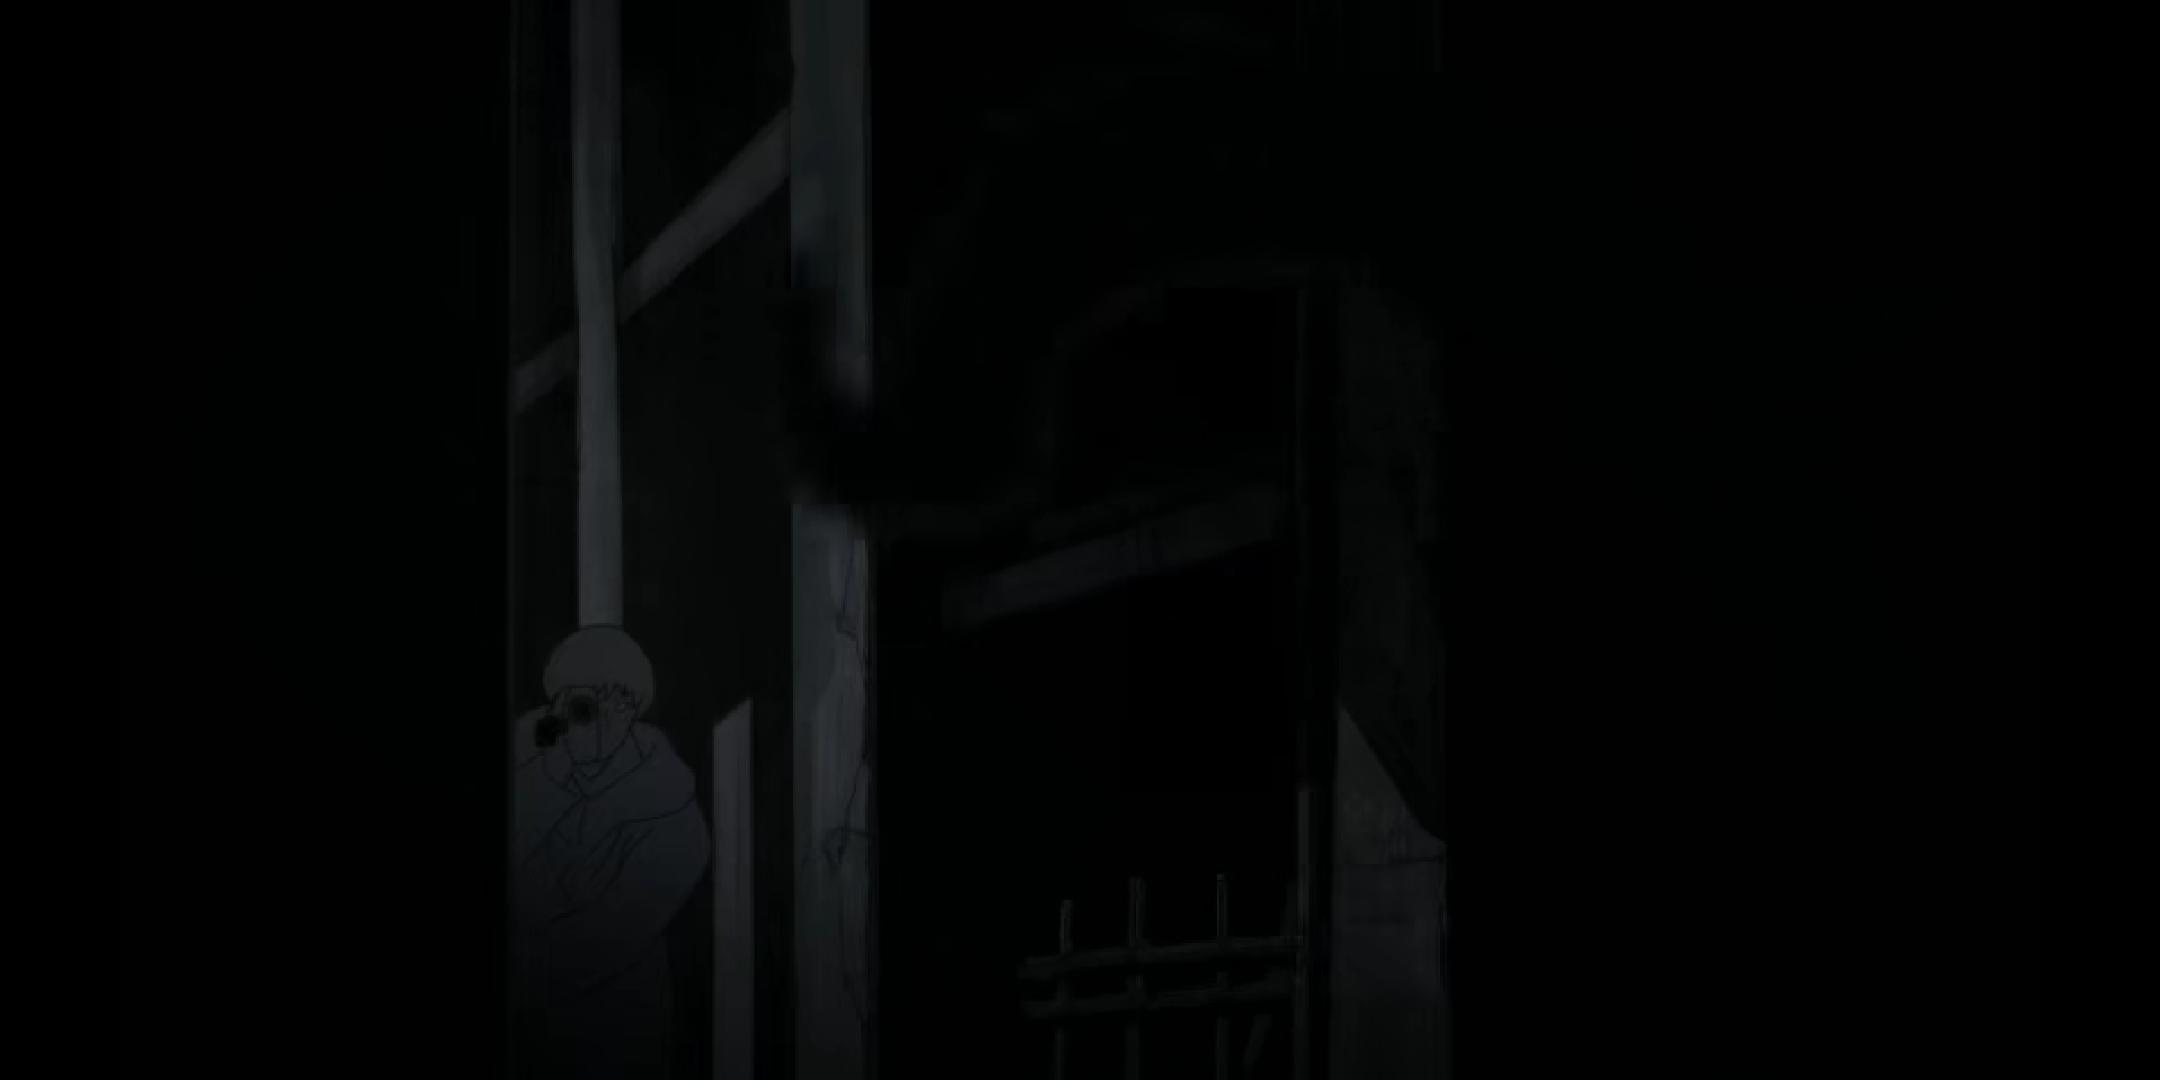 【讨论】新恶魔人,邪恶道邪恶道acg全彩